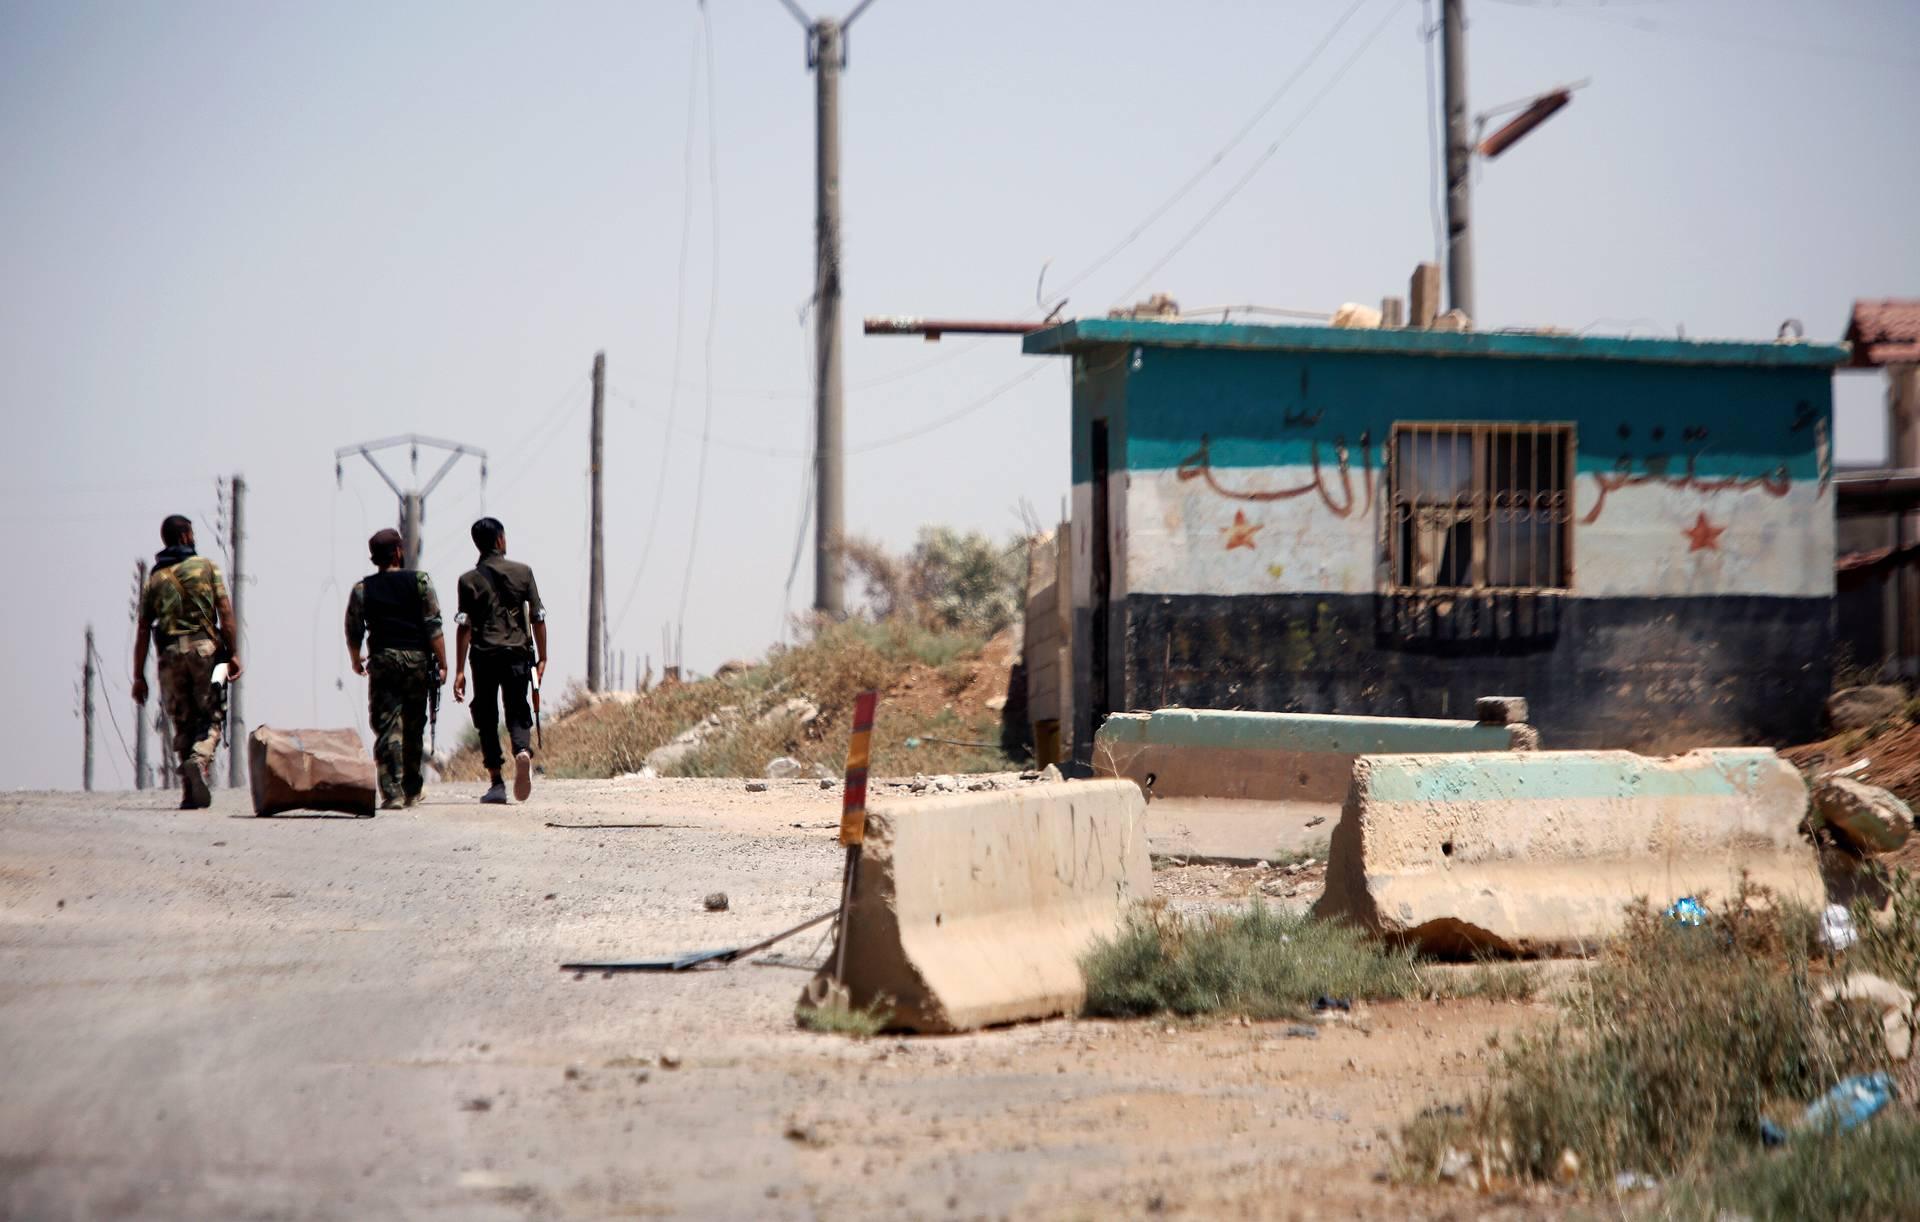 Армия Сирии нанесла удары по террористам, нарушившим перемирие в зоне деэскалации, Сирия, террористы, Вооруженные силы, военные действия, кризис в Сирии